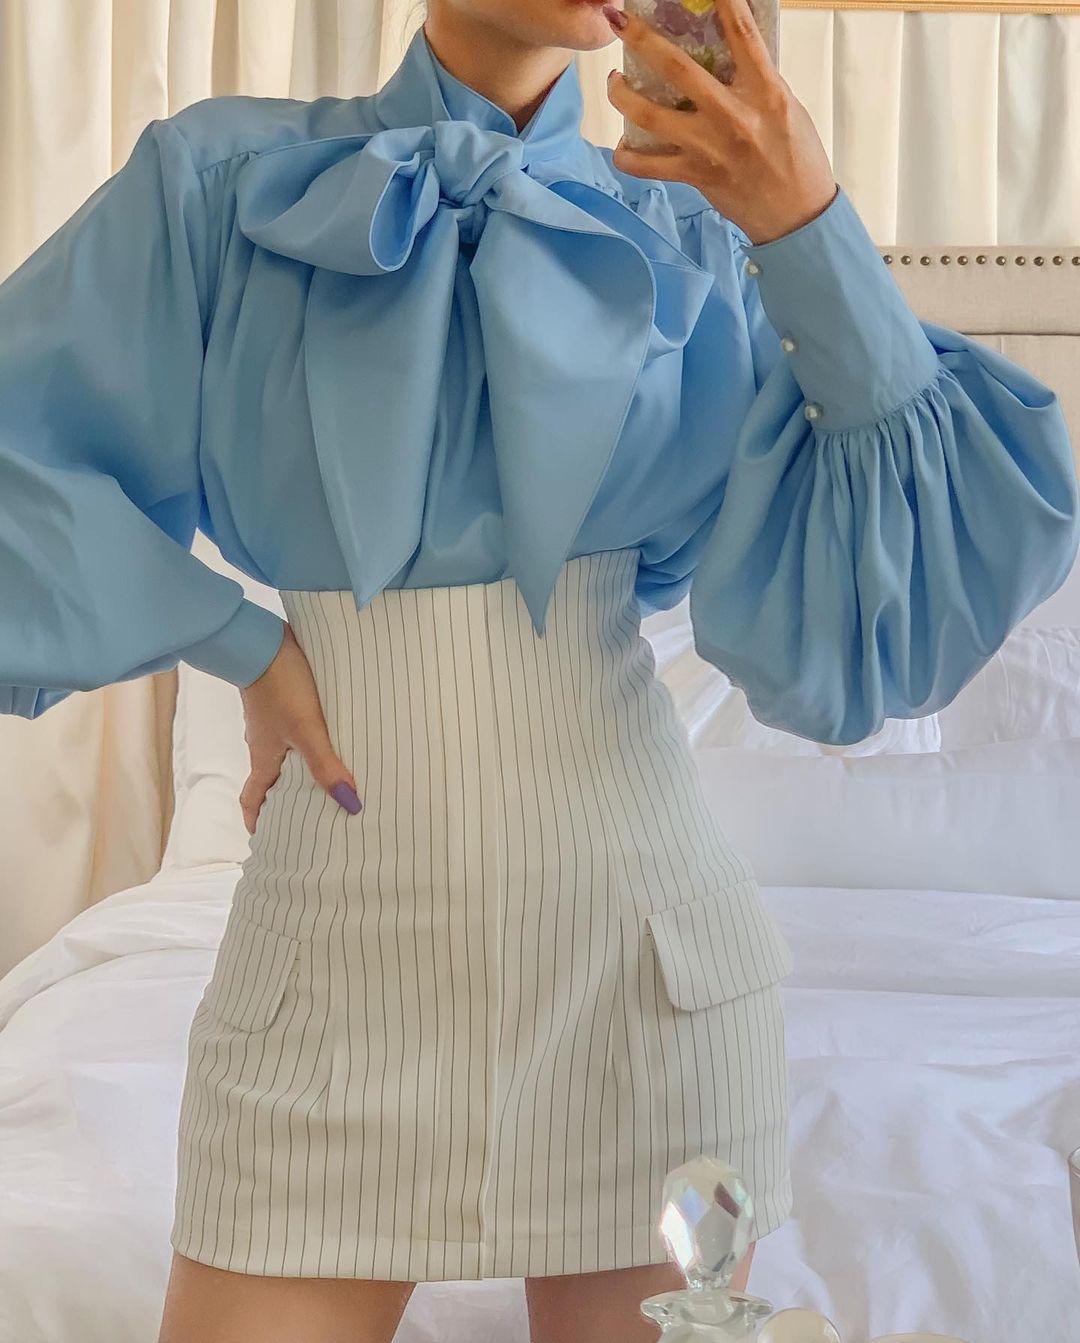 3 kiểu áo sơ mi cách điệu biến style của nàng công sở thành trendy hết sức - Ảnh 3.